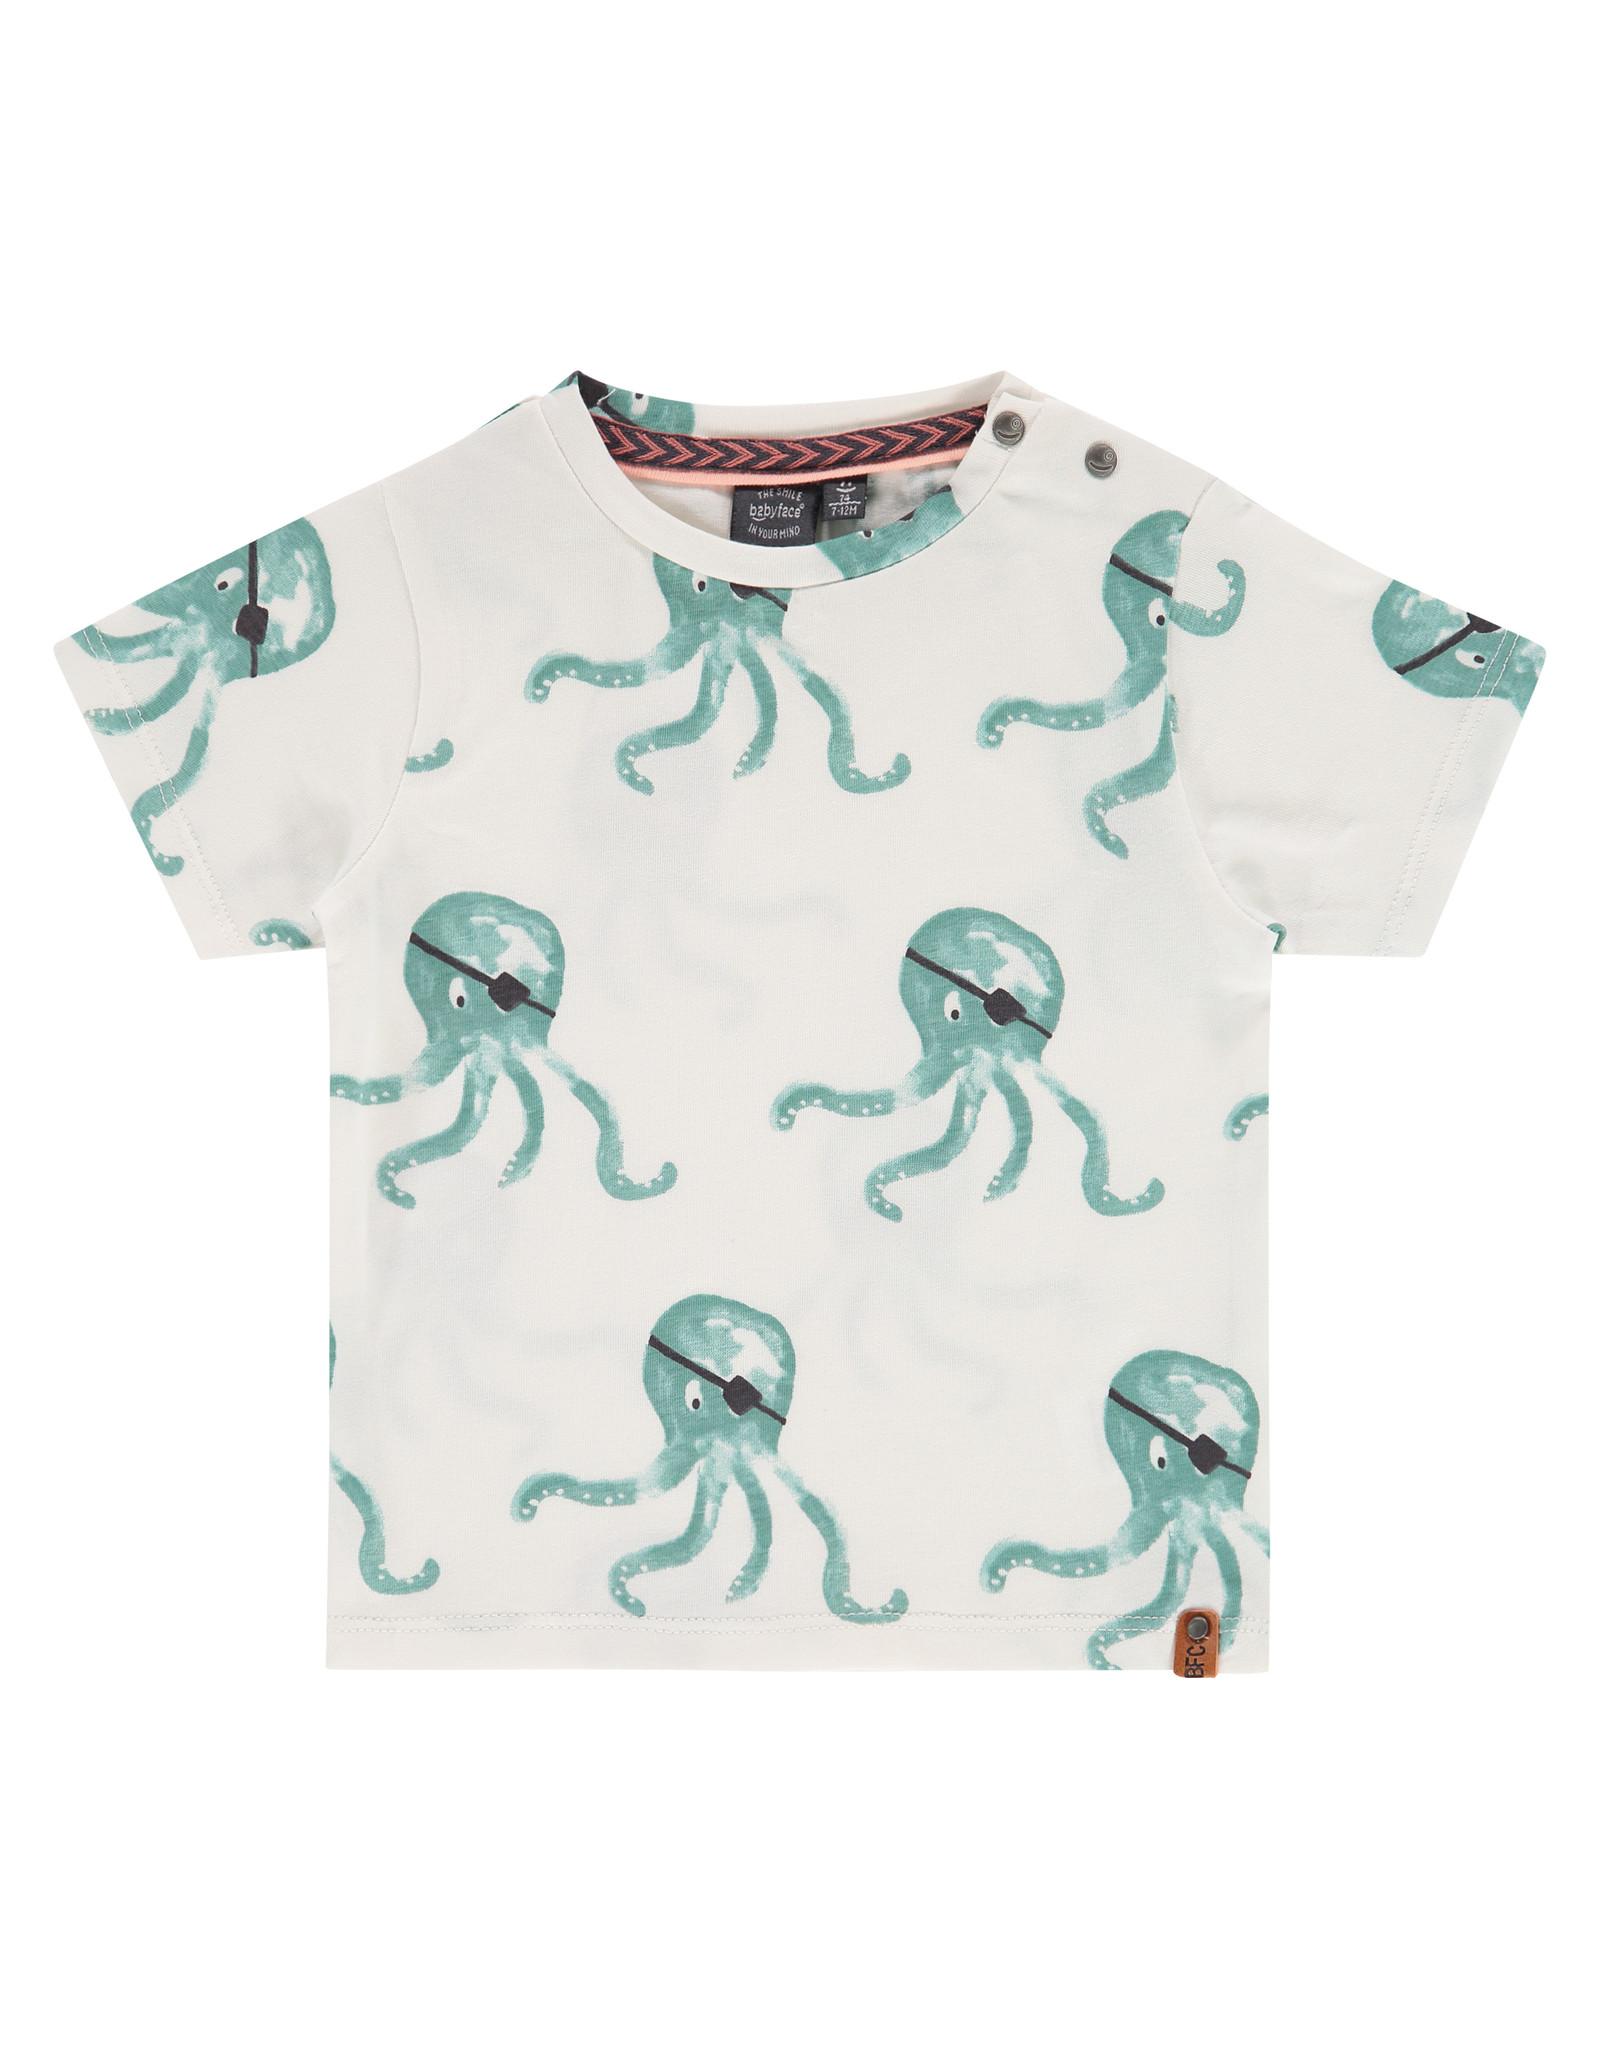 Babyface boys t-shirt short sleeve, grey mint, BBE21207643